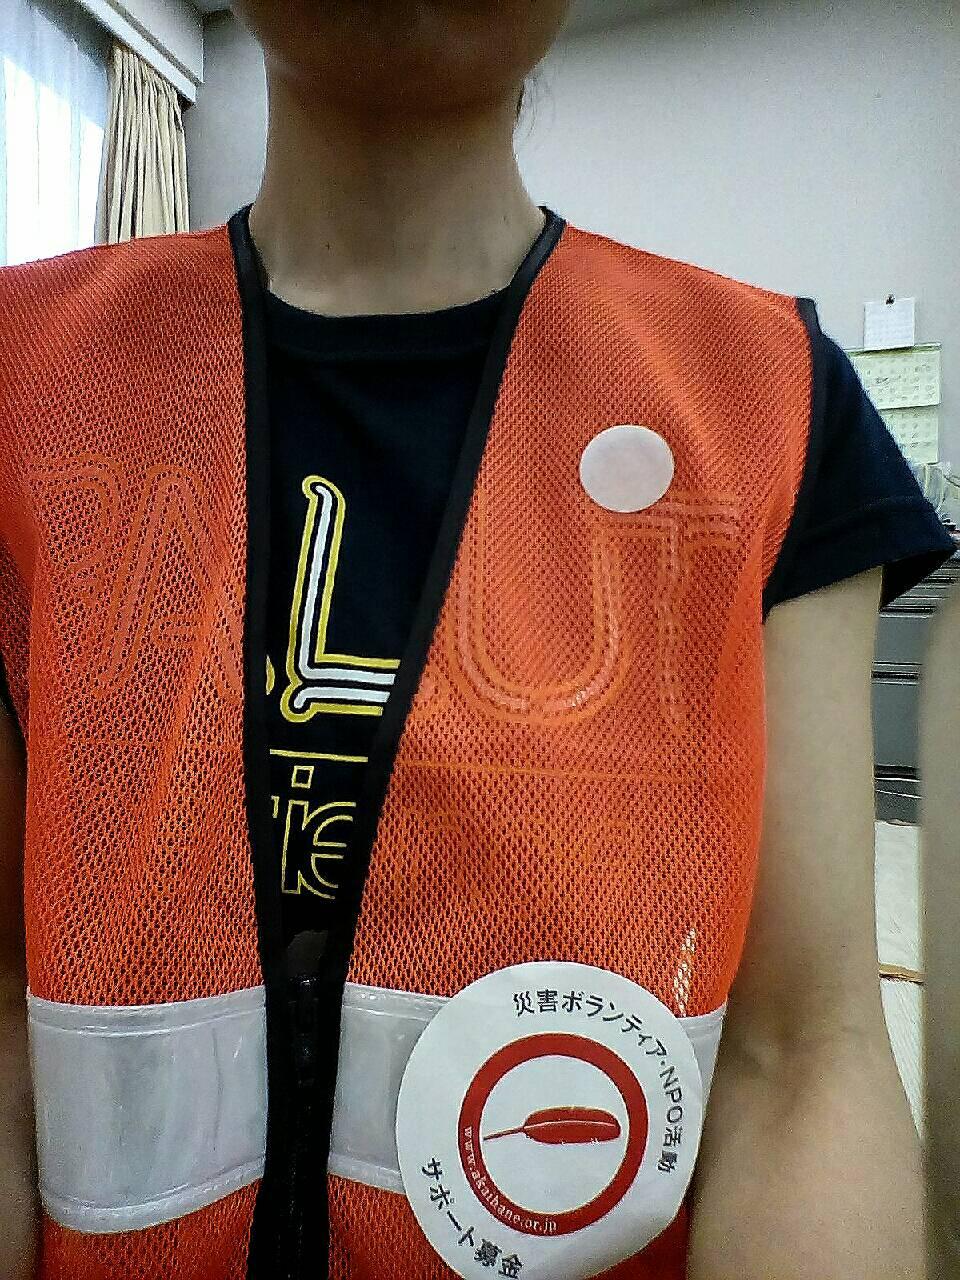 熊本被災地ボランティアアロマ.jpg